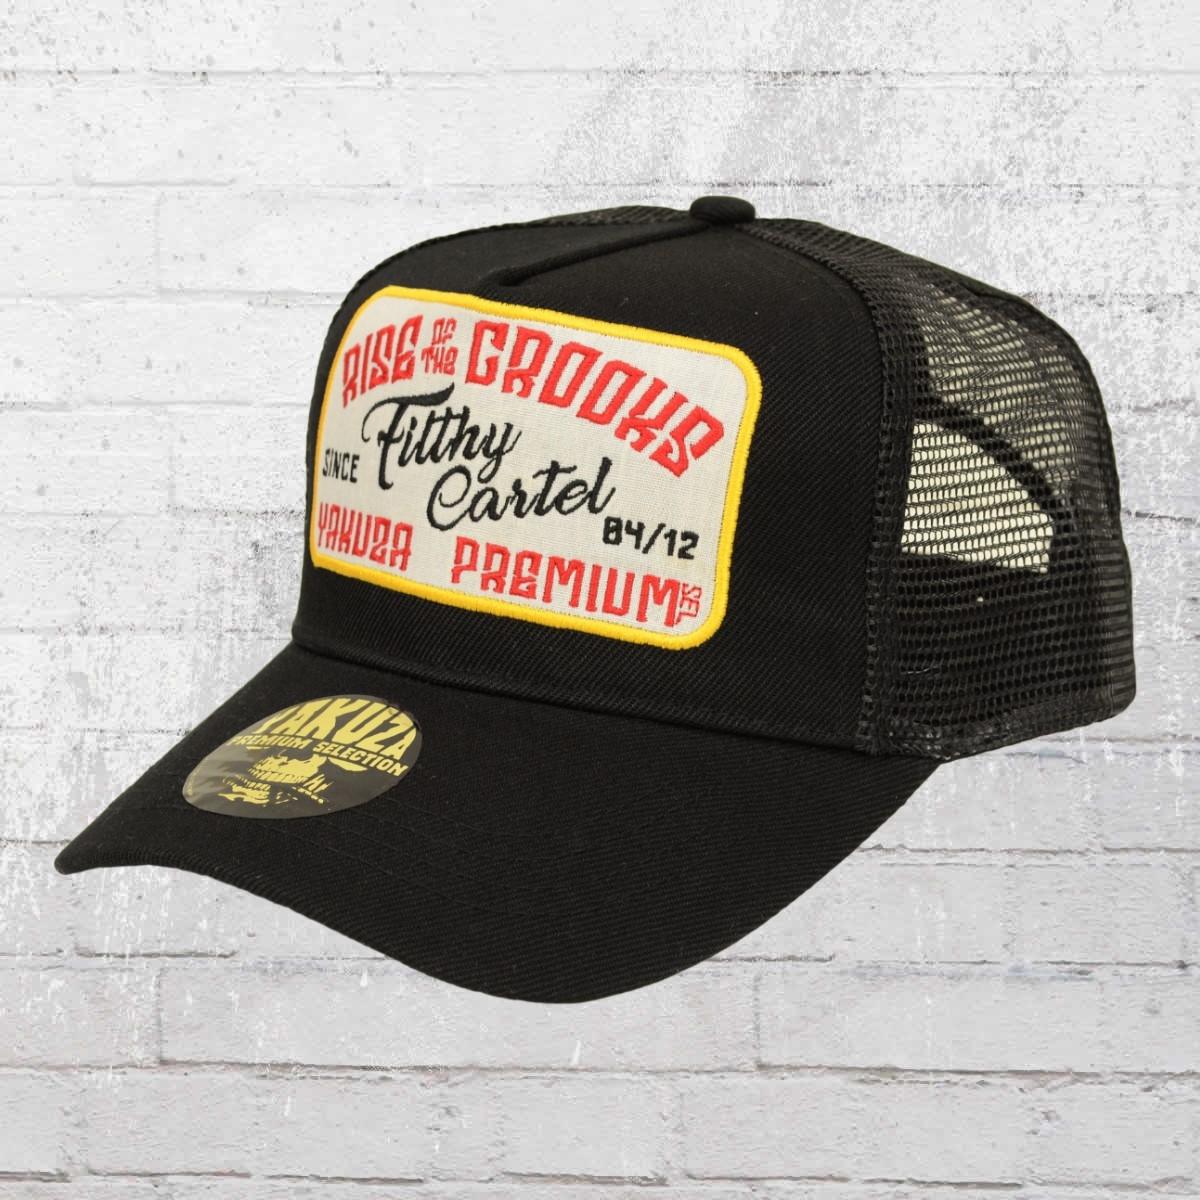 Yakuza Premium Trucker Cap Fifth Cartel schwarz